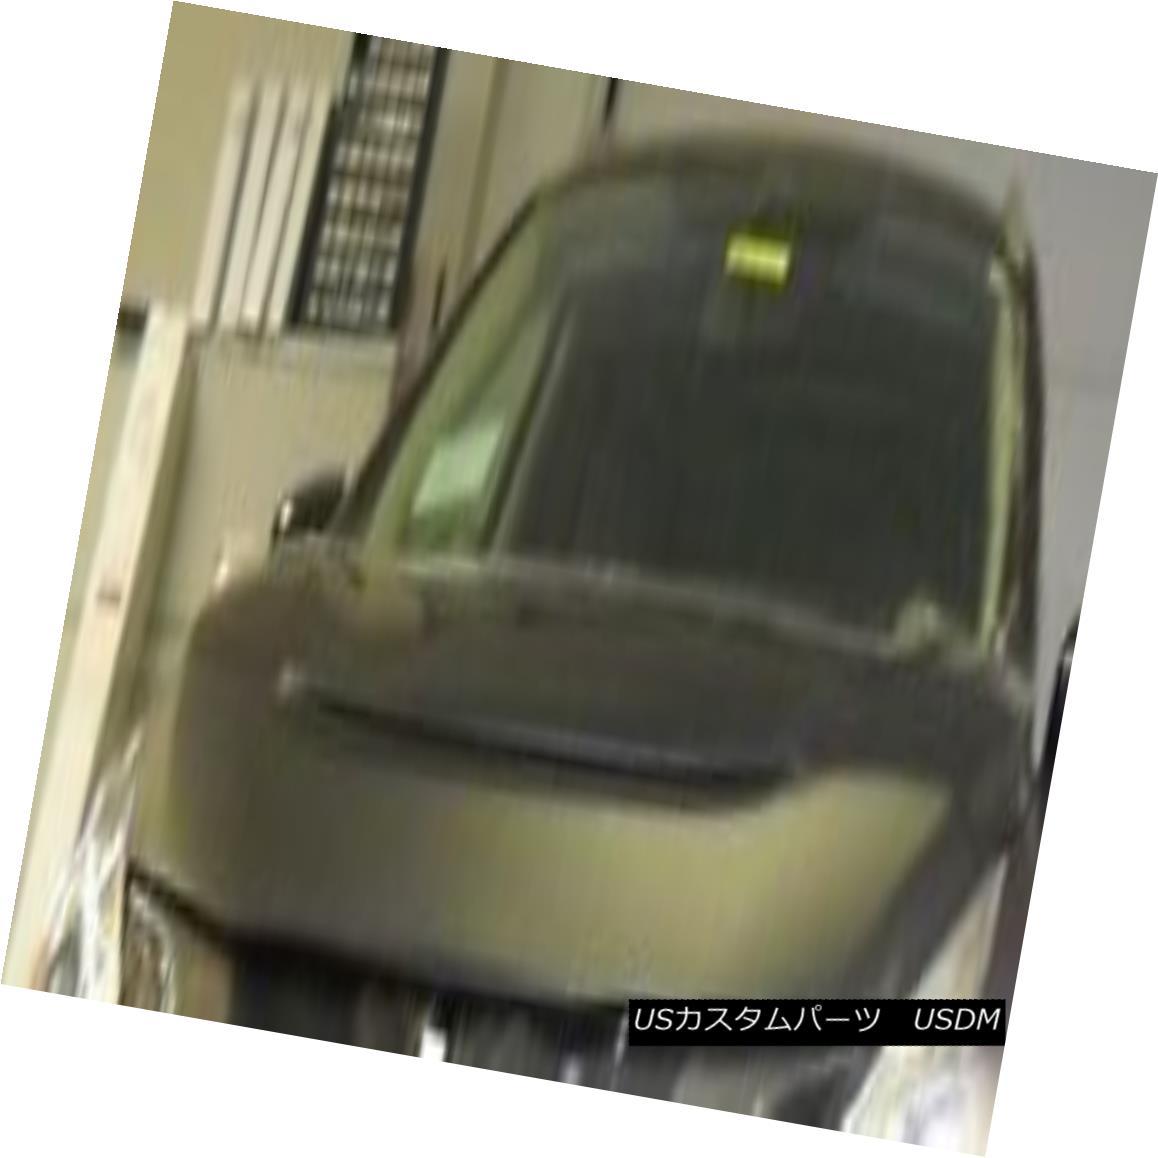 フルブラ ノーズブラ Lebra Hood Protector Mini Mask Bra Fits Nissan Murano 2015-2018  Lebraフードプロテクターミニマスクブラは日産ムラーノ2015-2018に適合